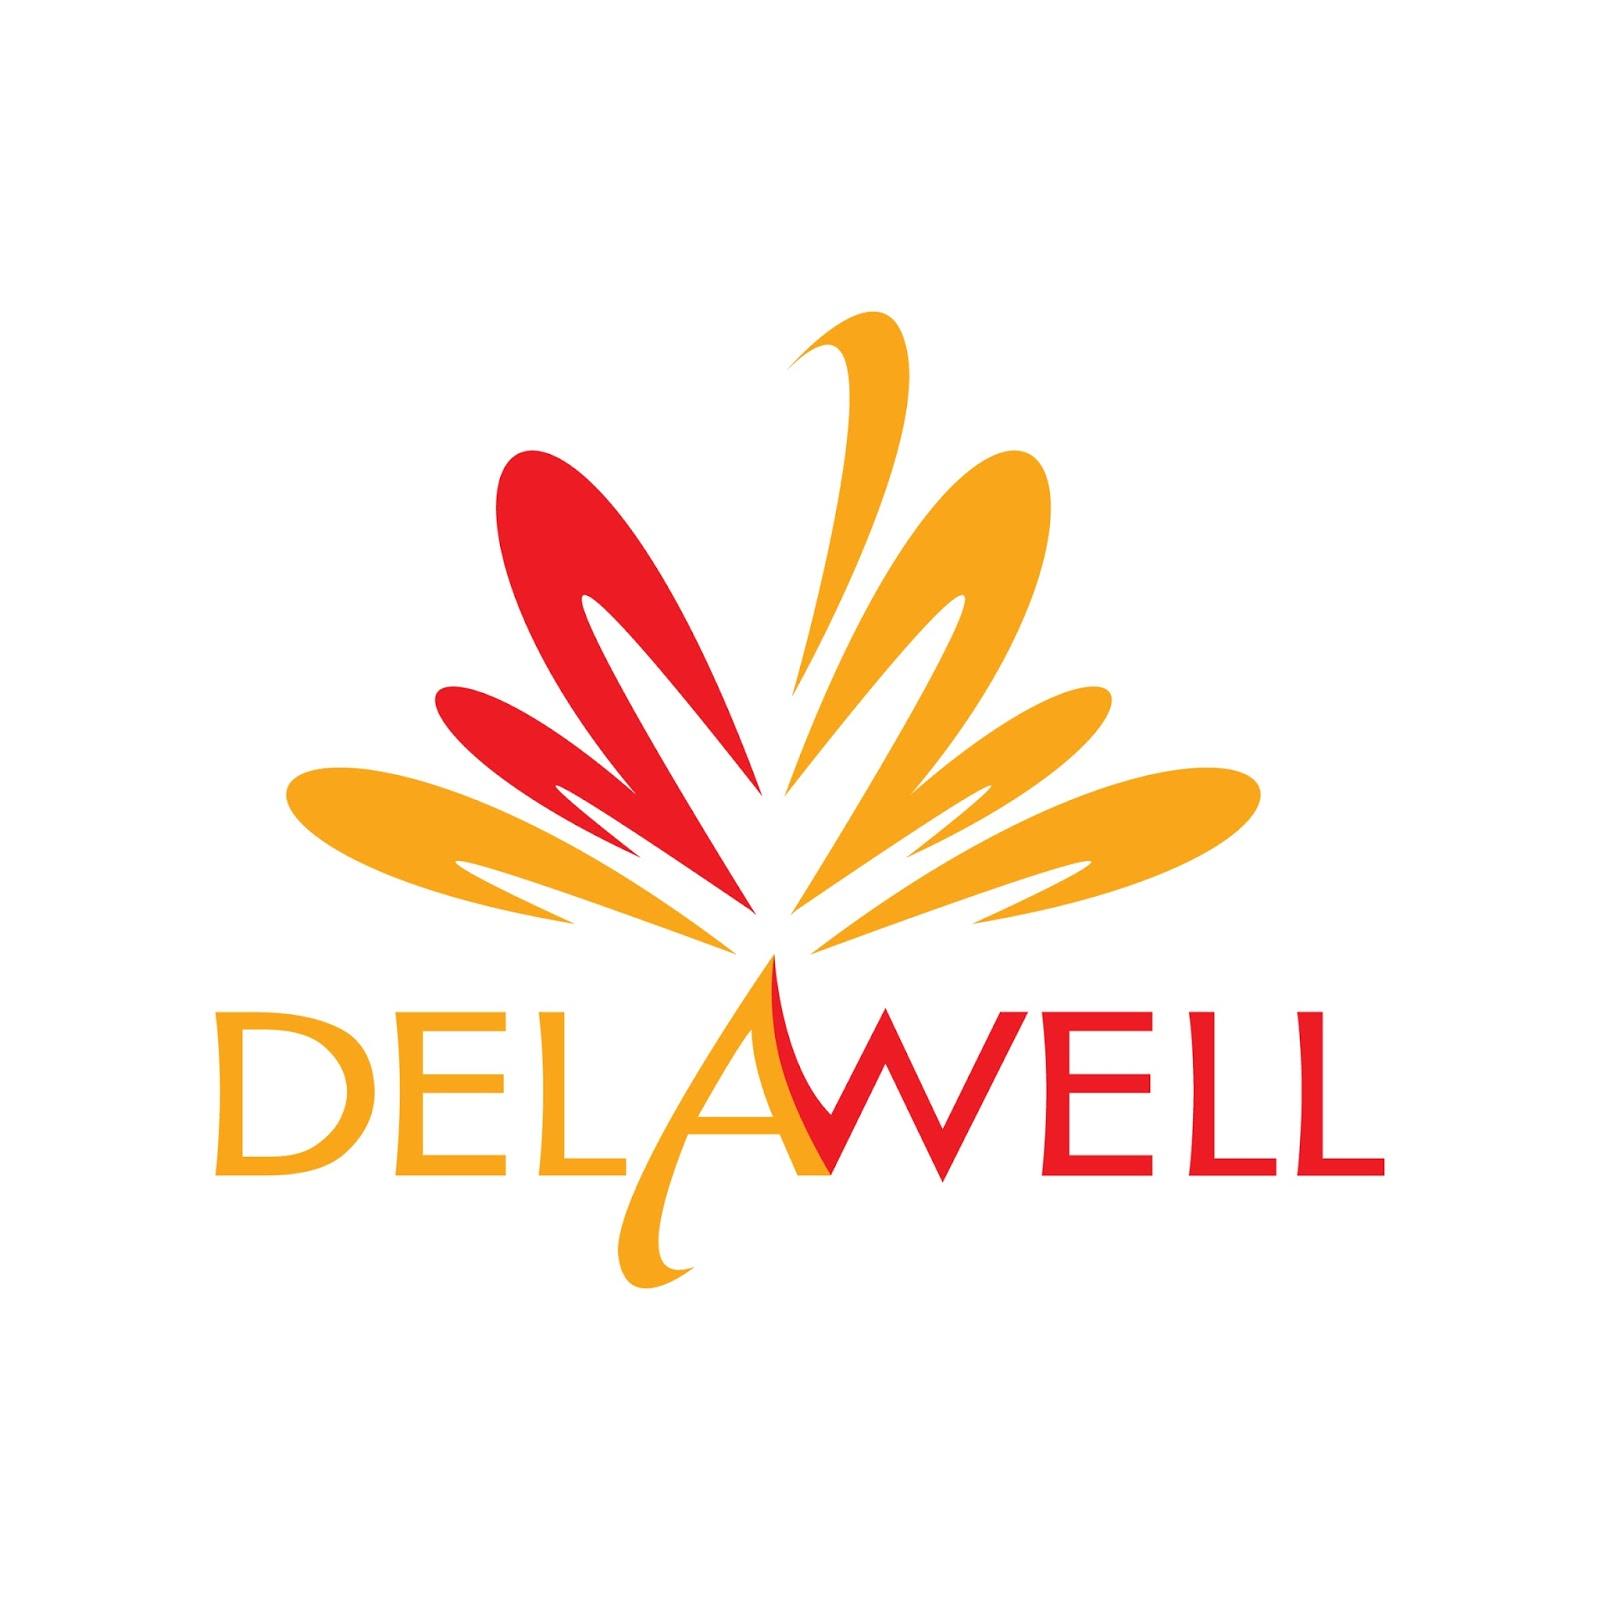 http://www.delawell.pl/